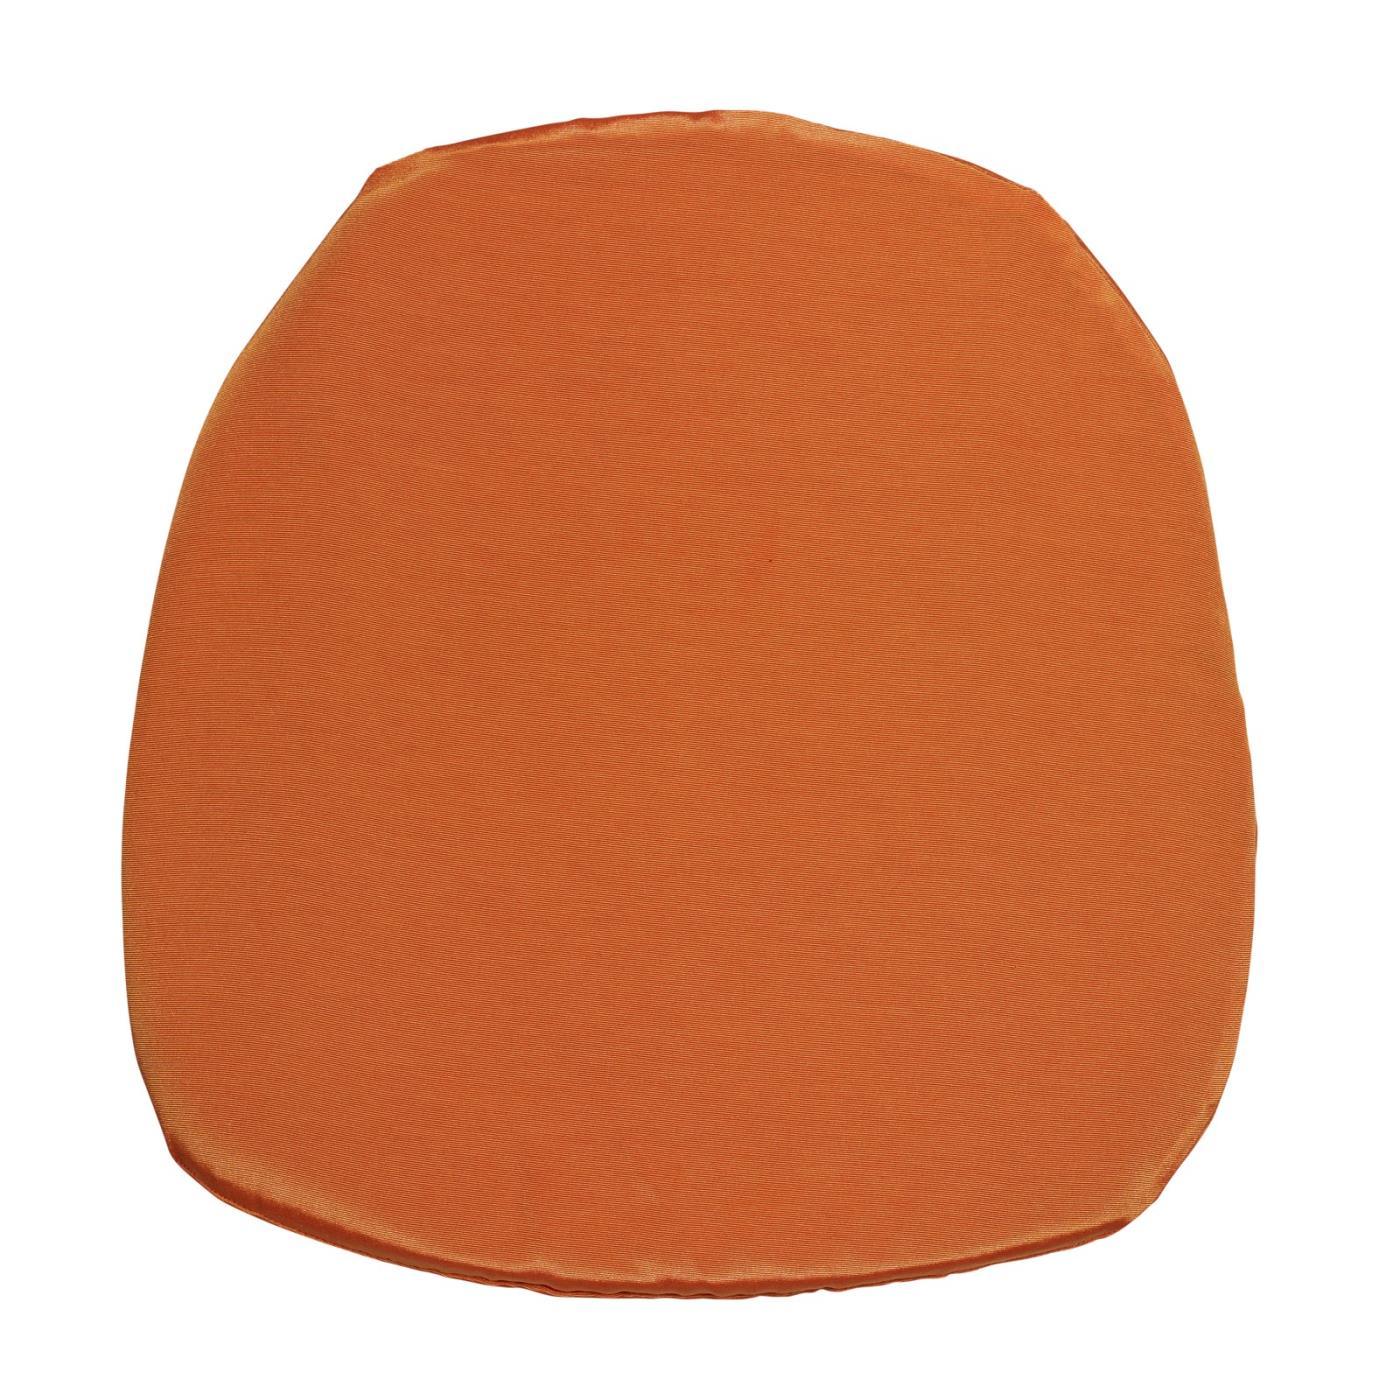 Bengaline Seat Cushion - Mango